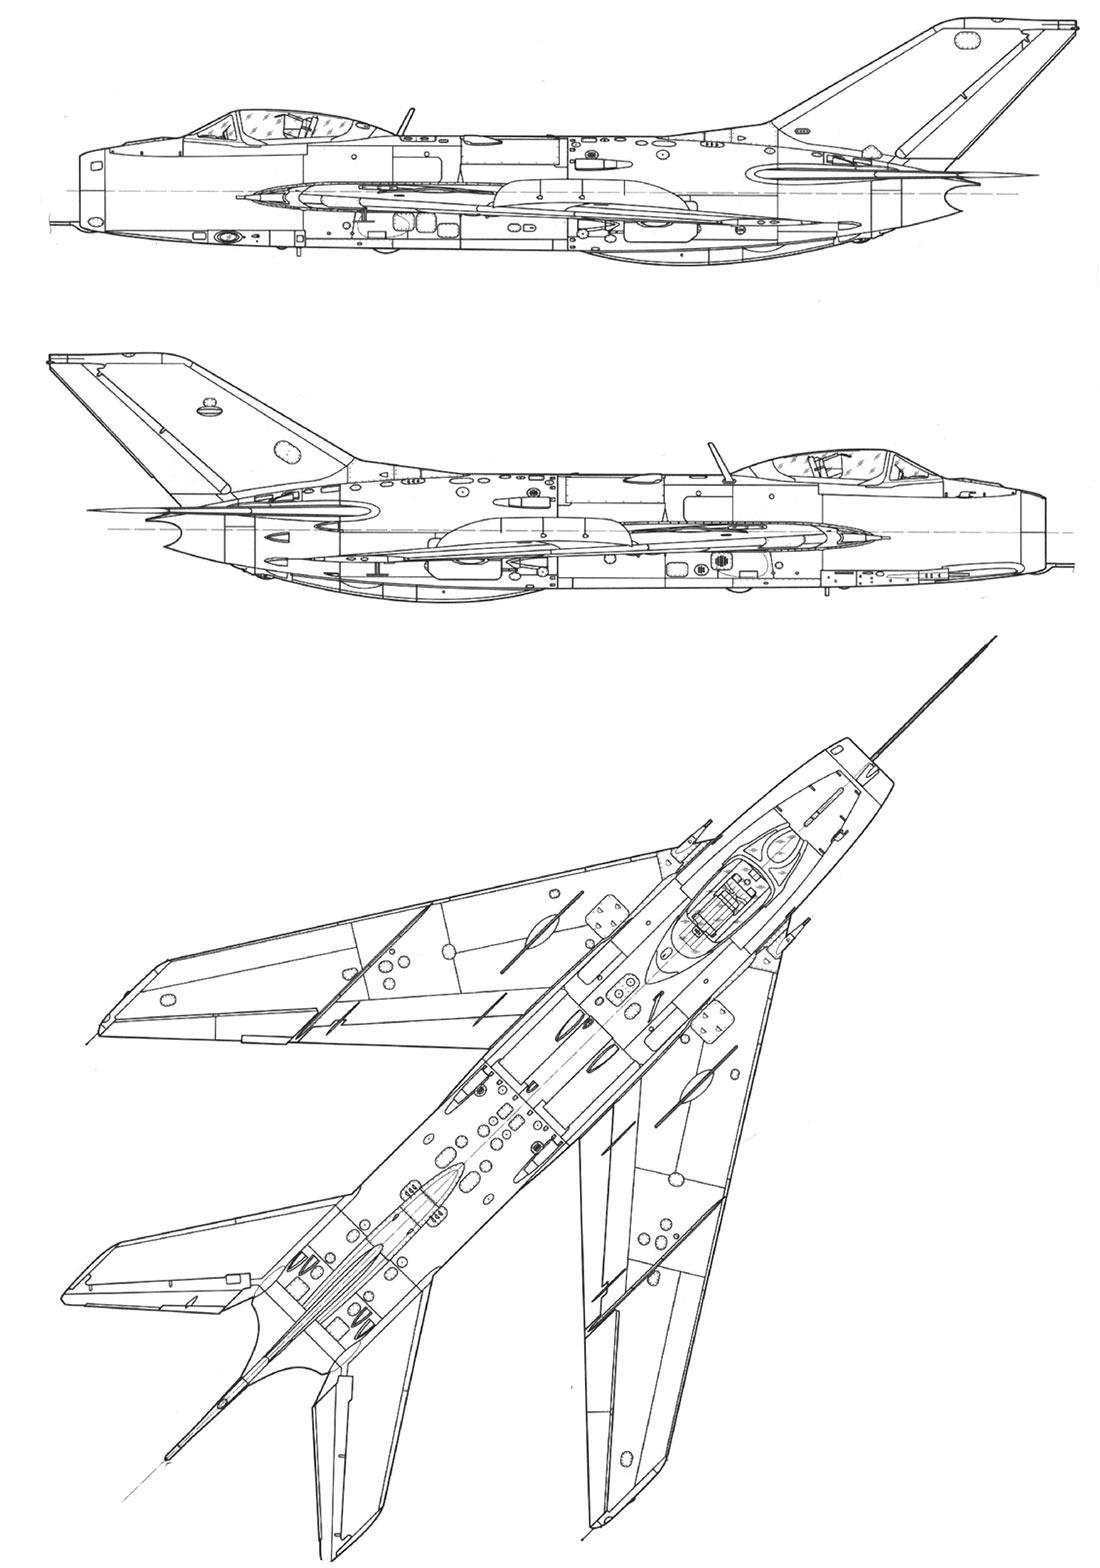 Чертеж истребителя МиГ-19